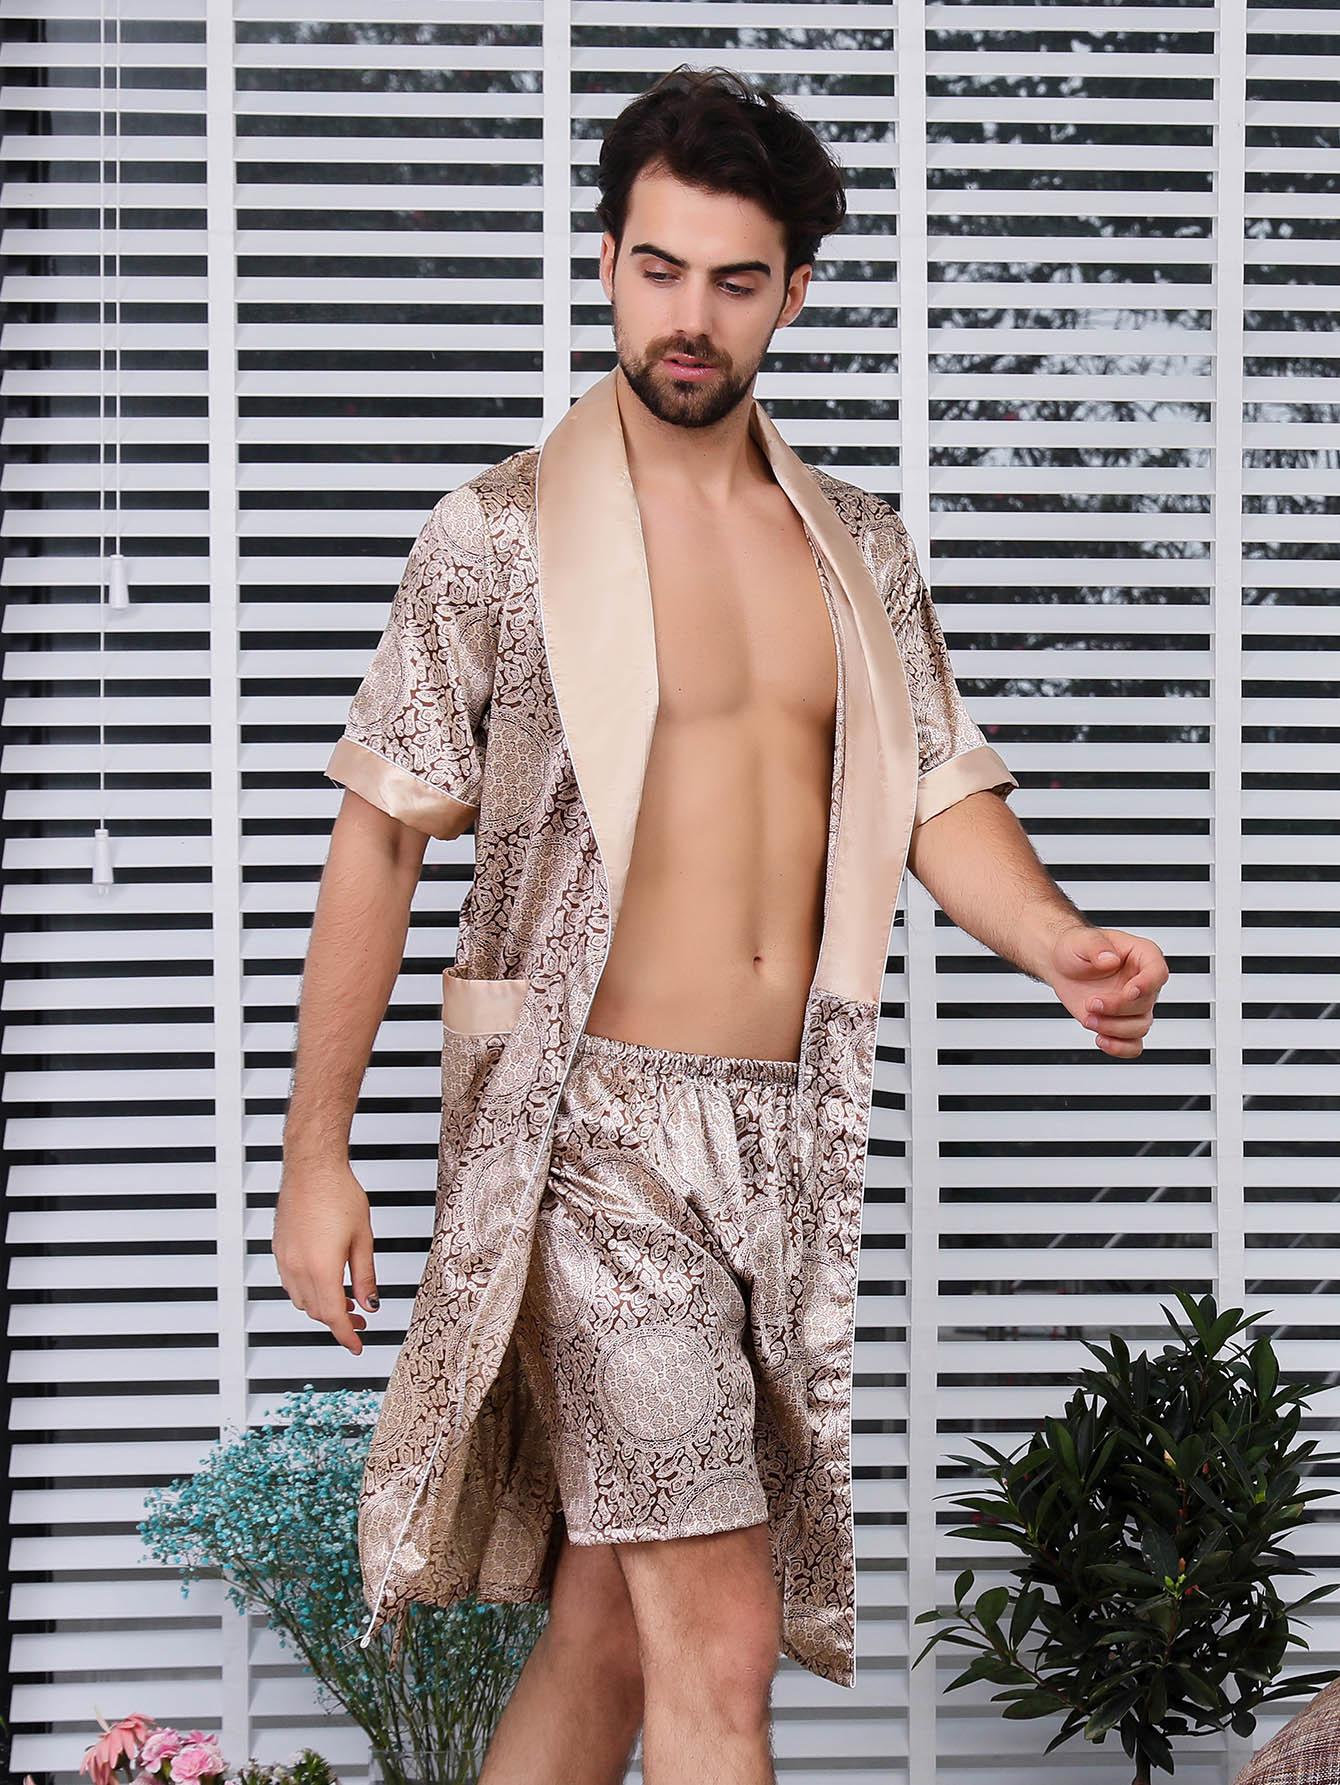 Купить Шорты с рисунками геометрических фигур и домашний халат для мужчины, null, SheIn